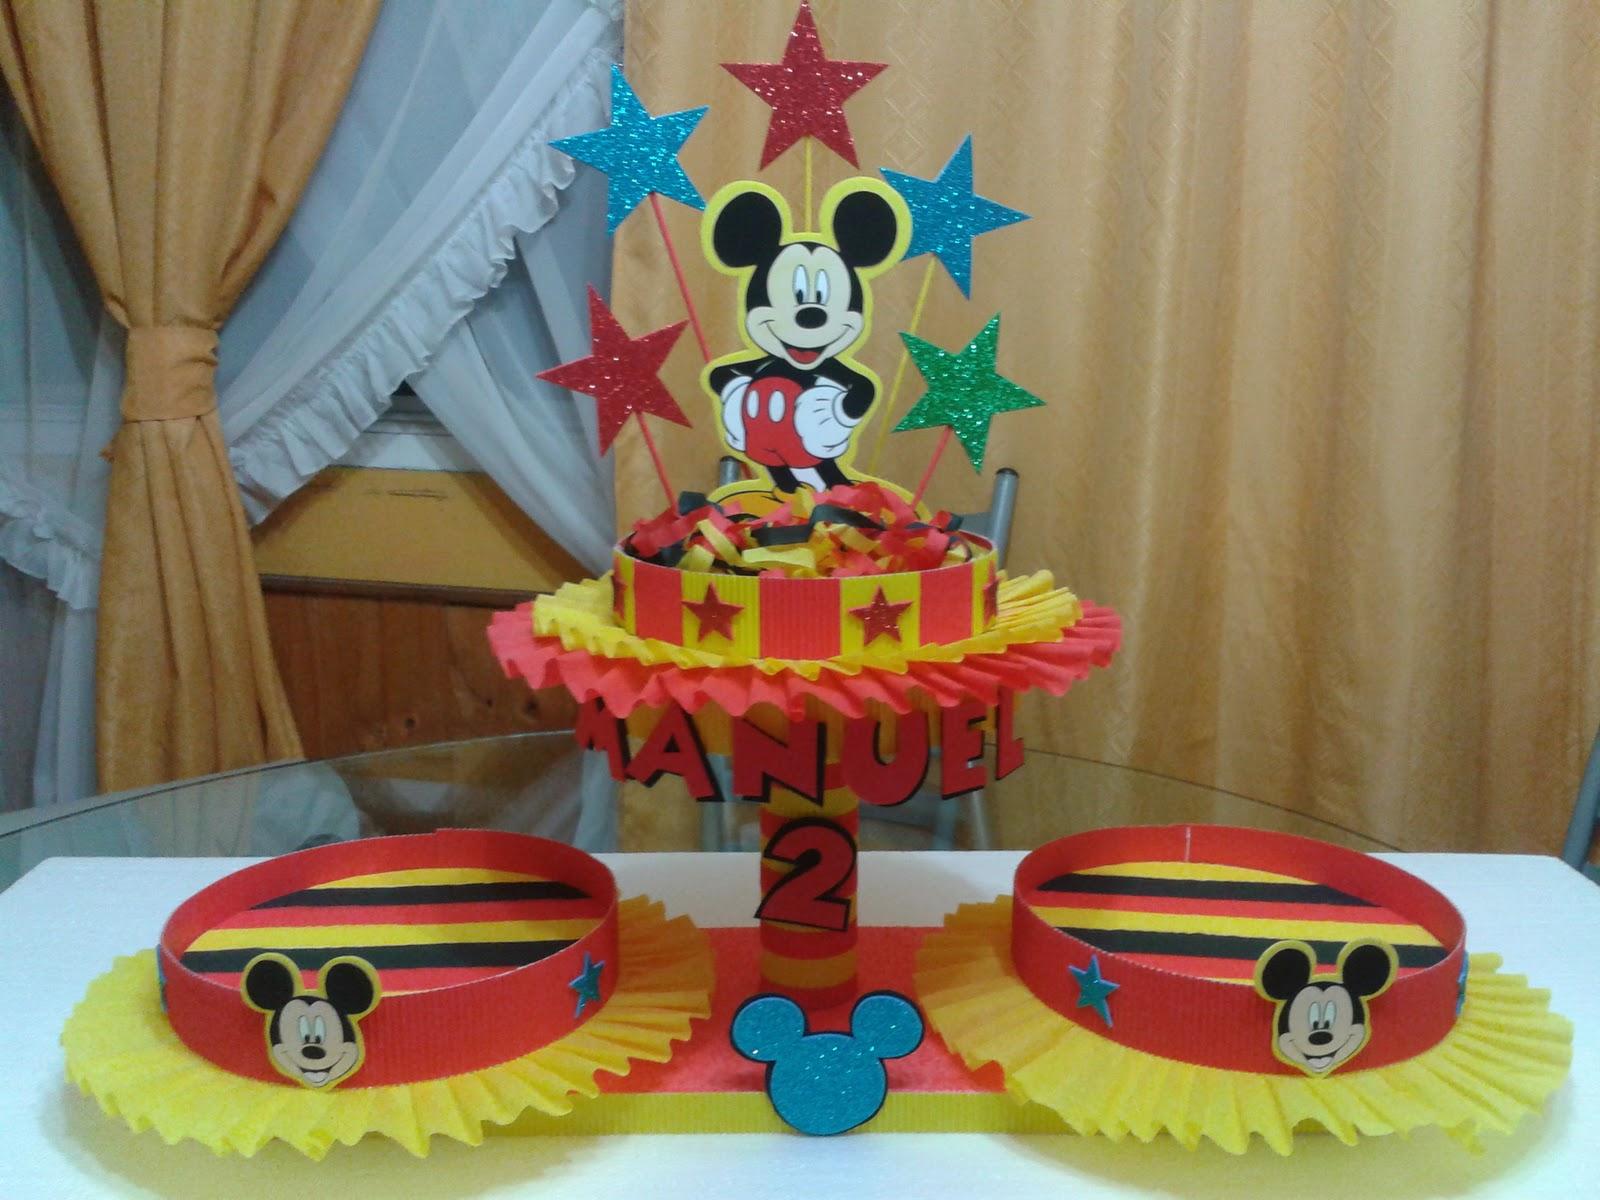 decoraciones de fiestas infantiles la casa mickey mouse otros filmvz